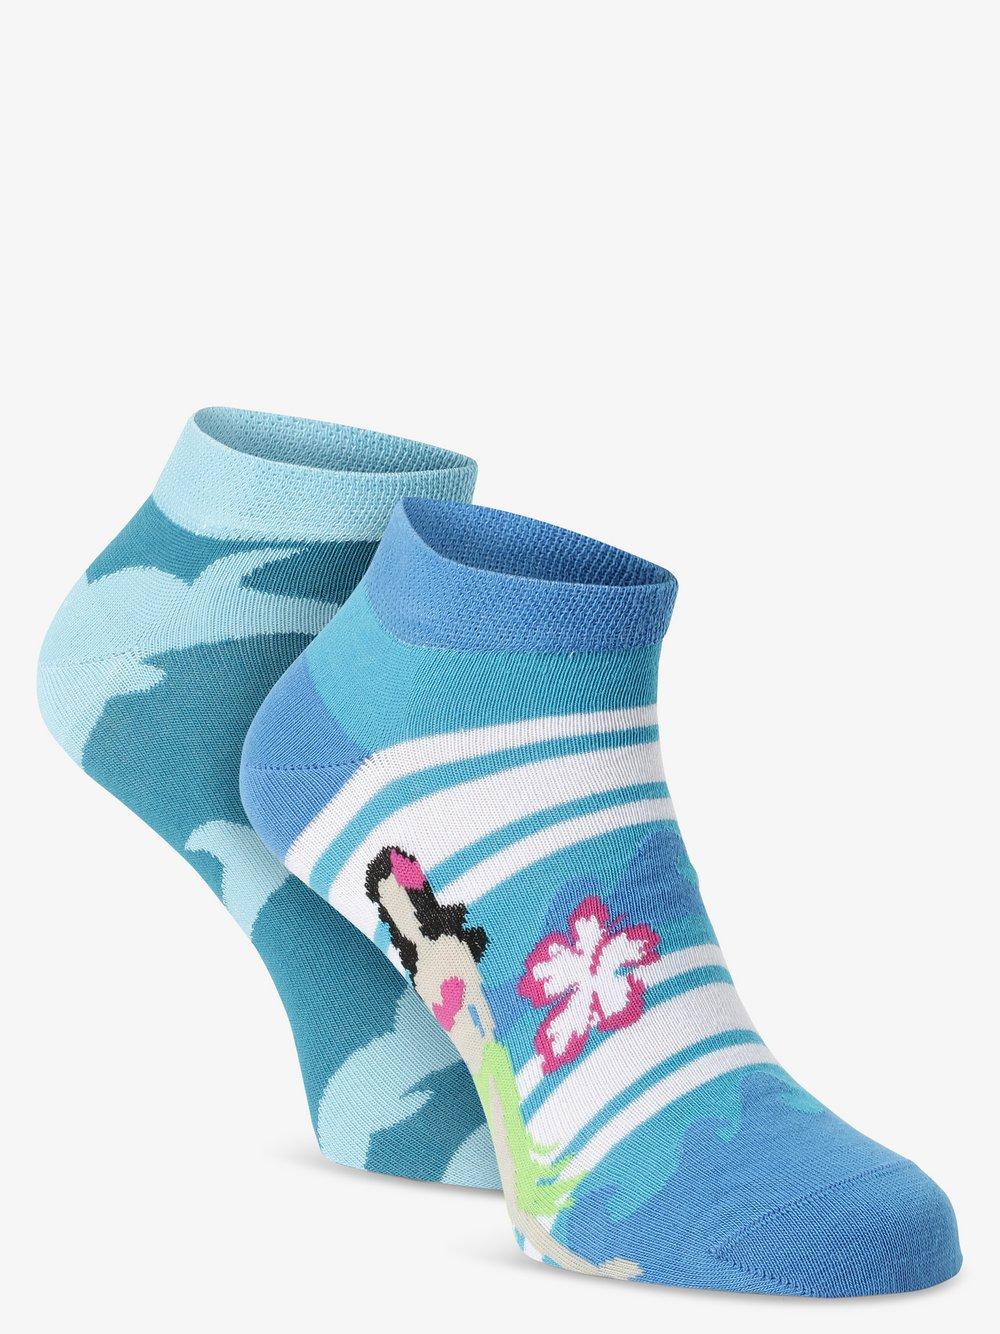 Unabux – Skarpety do obuwia sportowego pakowane po 2 szt., niebieski Van Graaf 482123-0001-04146